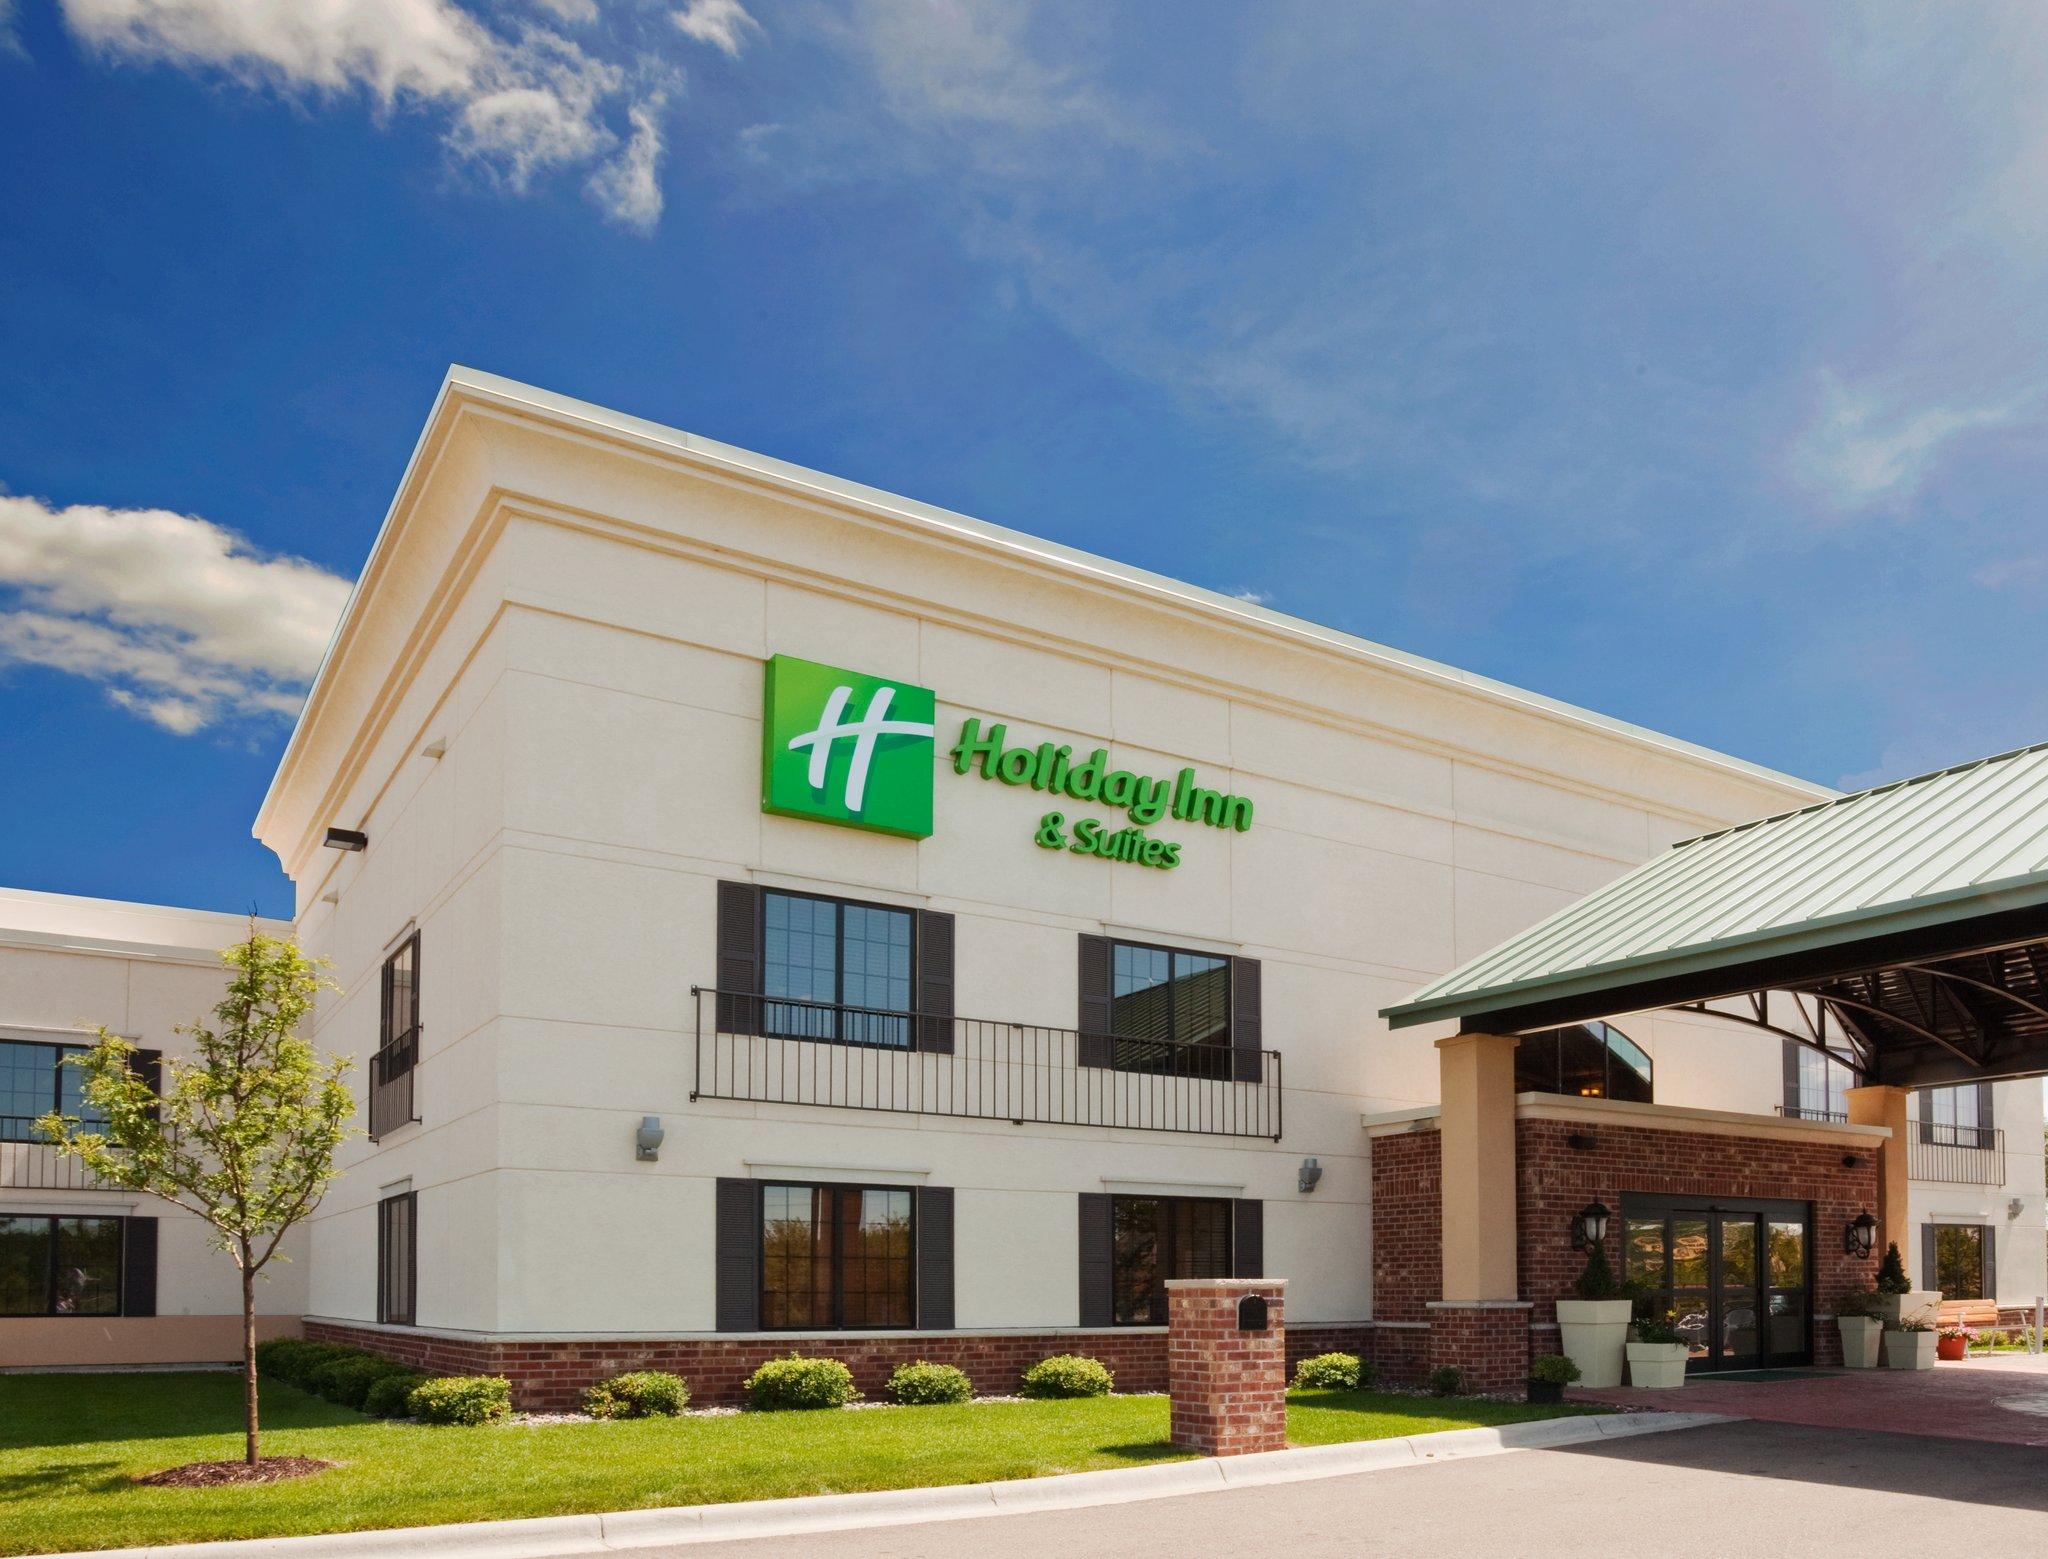 Holiday Inn Lakeville